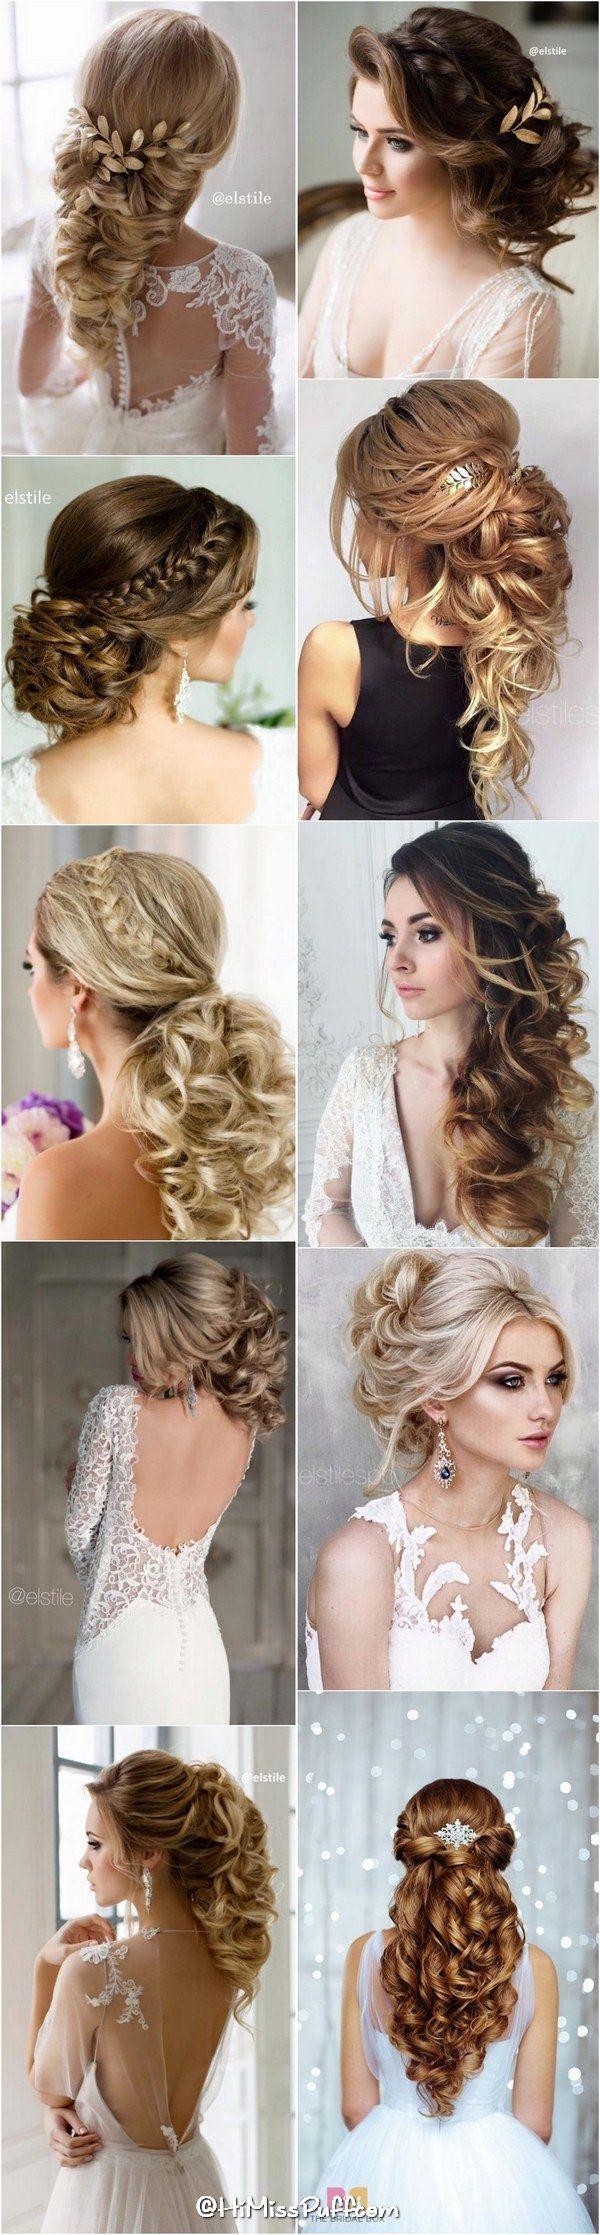 Tremendous 1000 Ideas About Wedding Braids On Pinterest Braids Wedding Short Hairstyles Gunalazisus